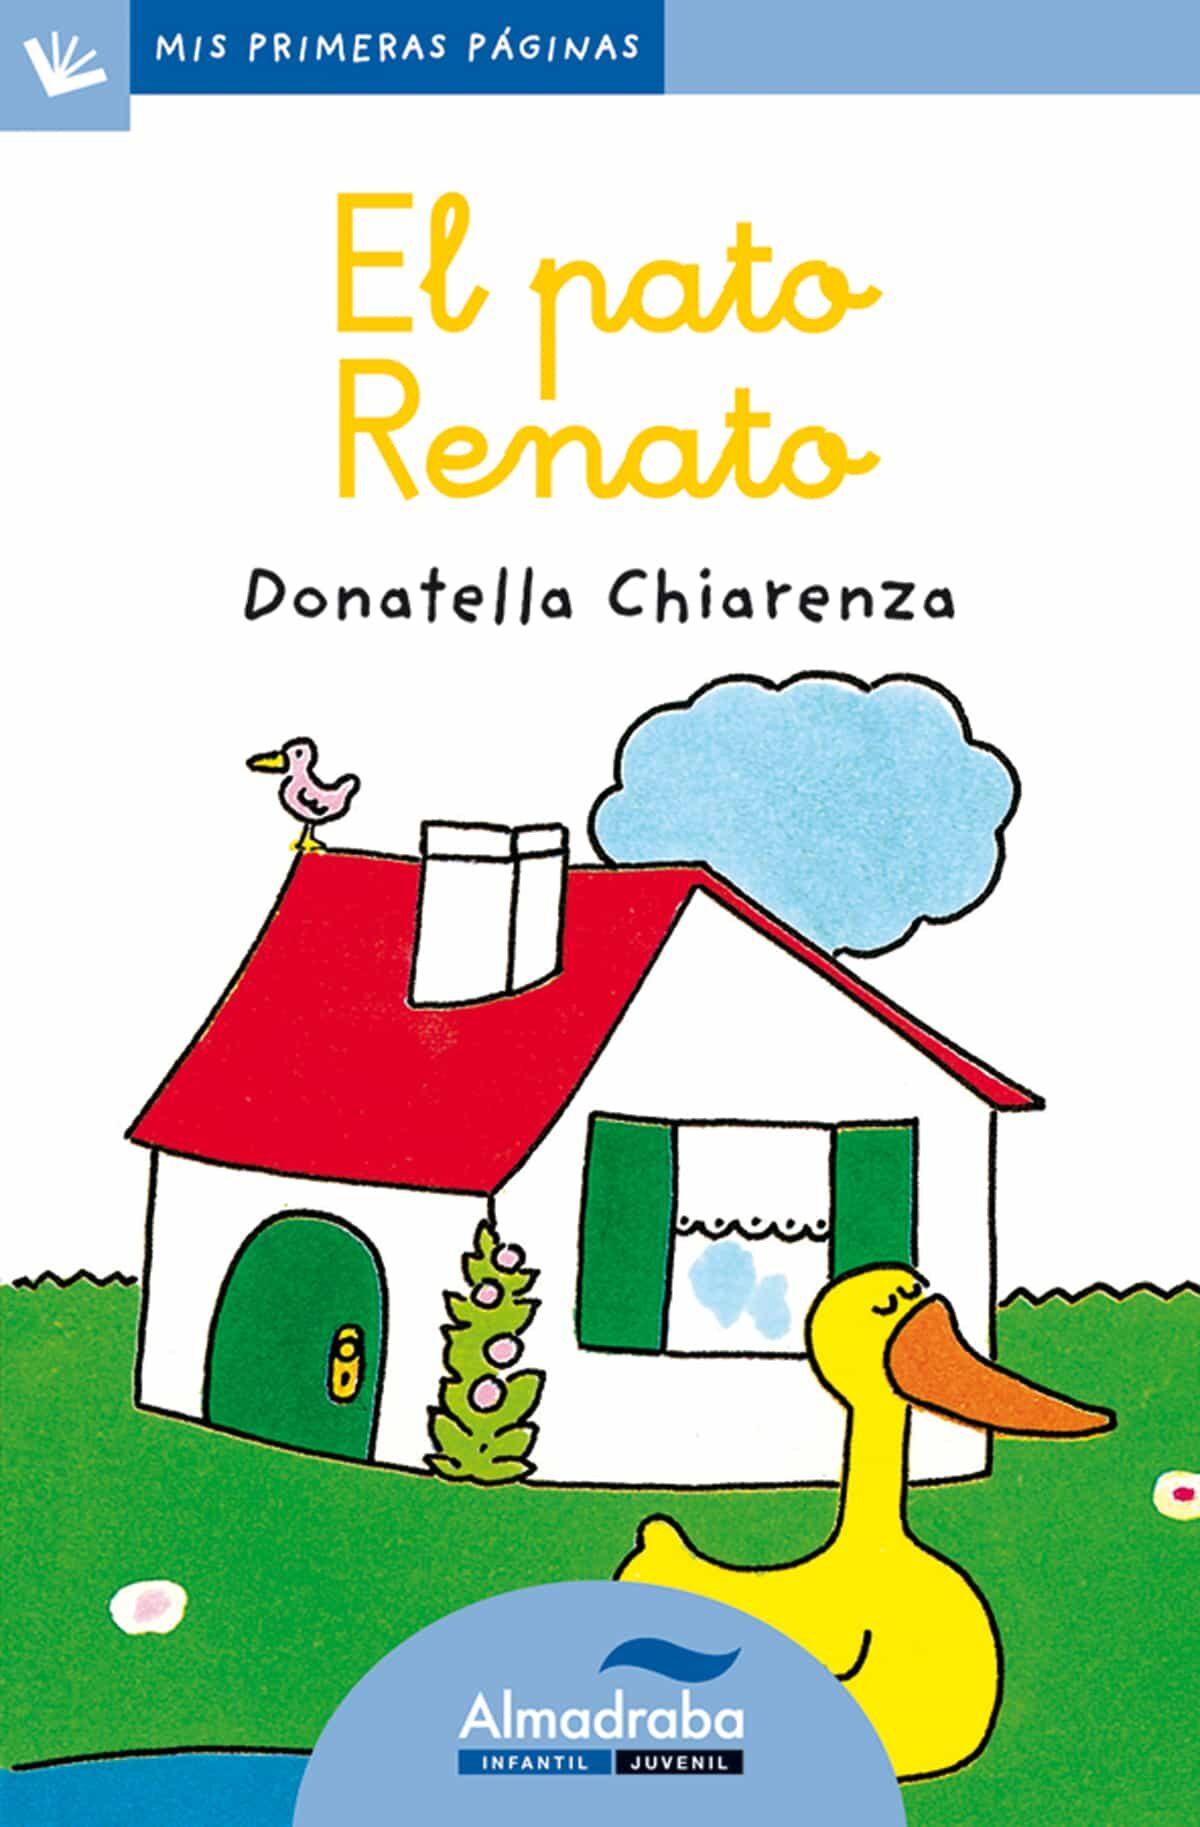 El Pato Renato (primeras Paginas - Lp: Letra Cursiva) por Donatella Chiarenza